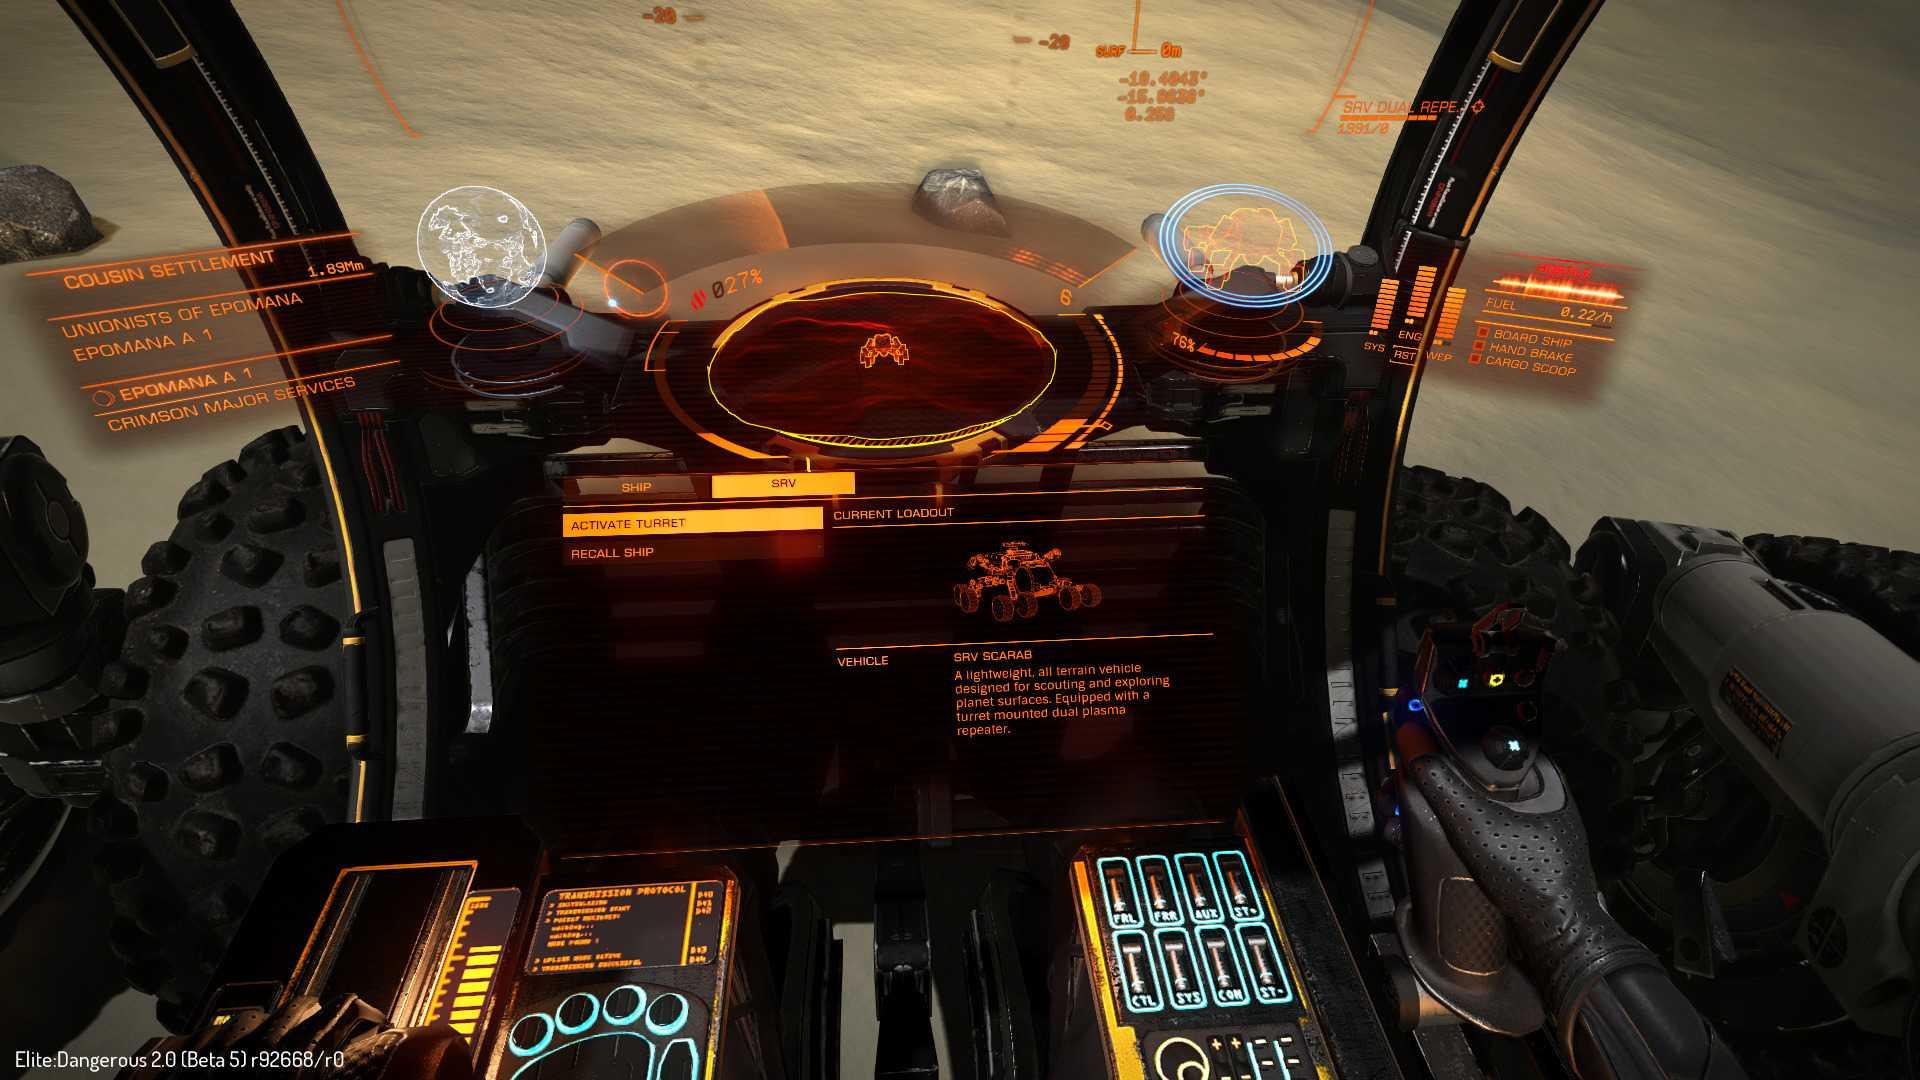 Die Erkundungs-Buggys lassen sich mit Joystick und Schubregler genauso komfortabel steuern, wie die Raumschiffe in Elite.